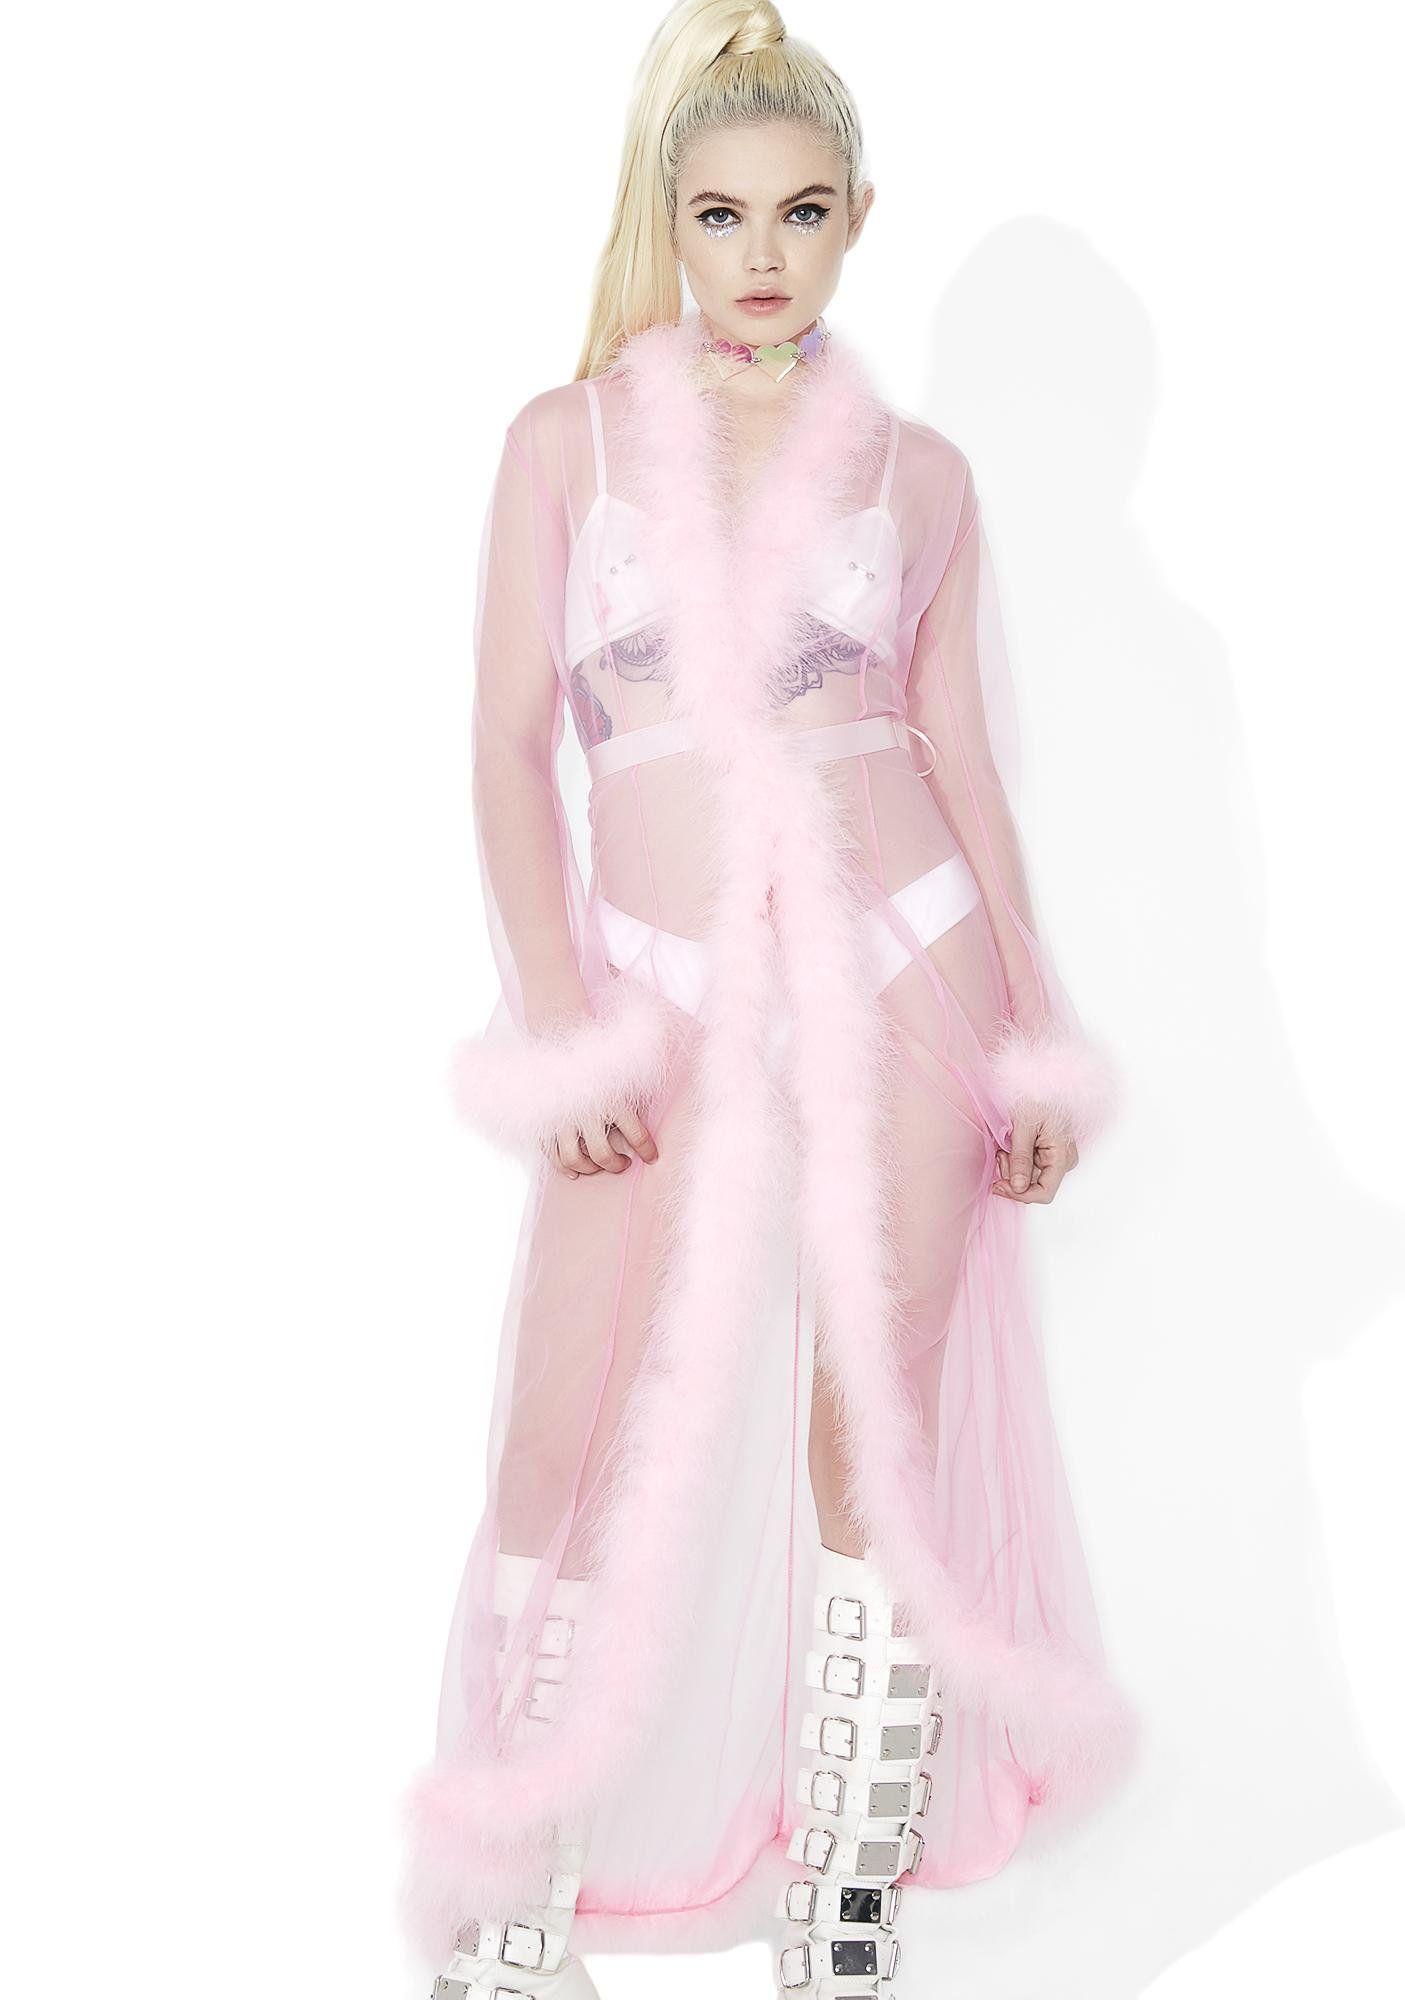 Sweet Bardot Sheer Feathered Robe Party outfit, Kawaii